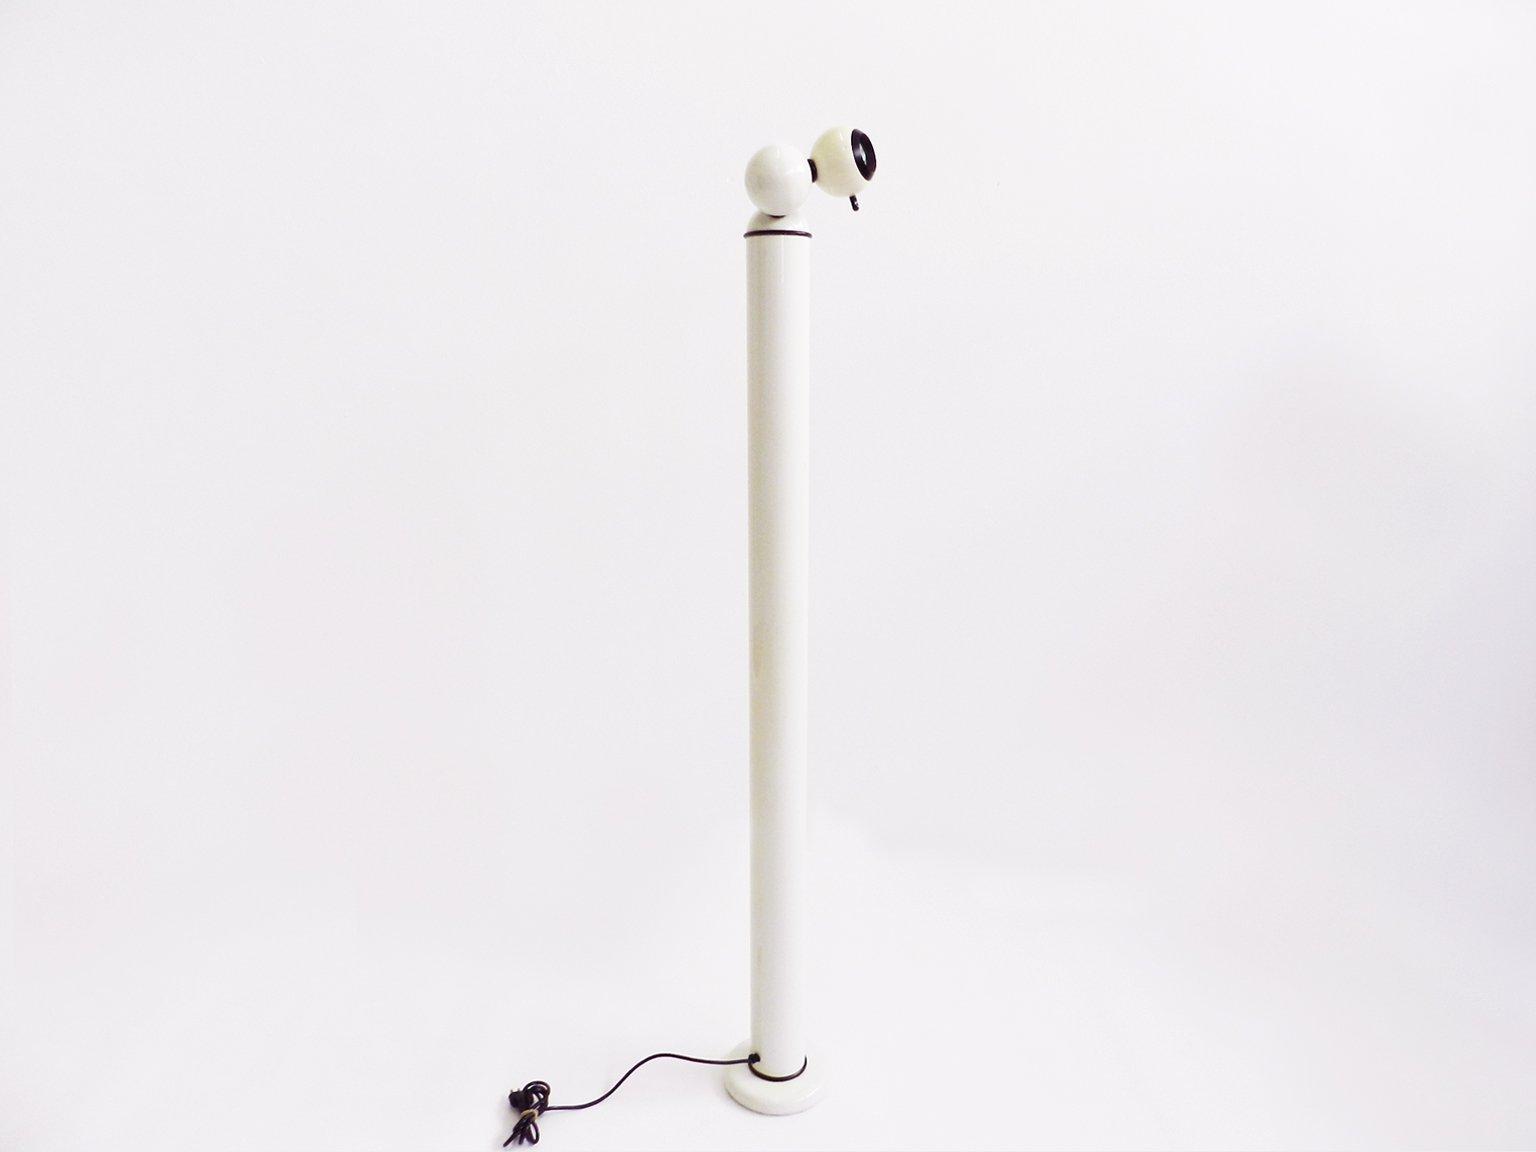 Giroscopio Stehlampe von Stefano Ferrero für P.U.K.